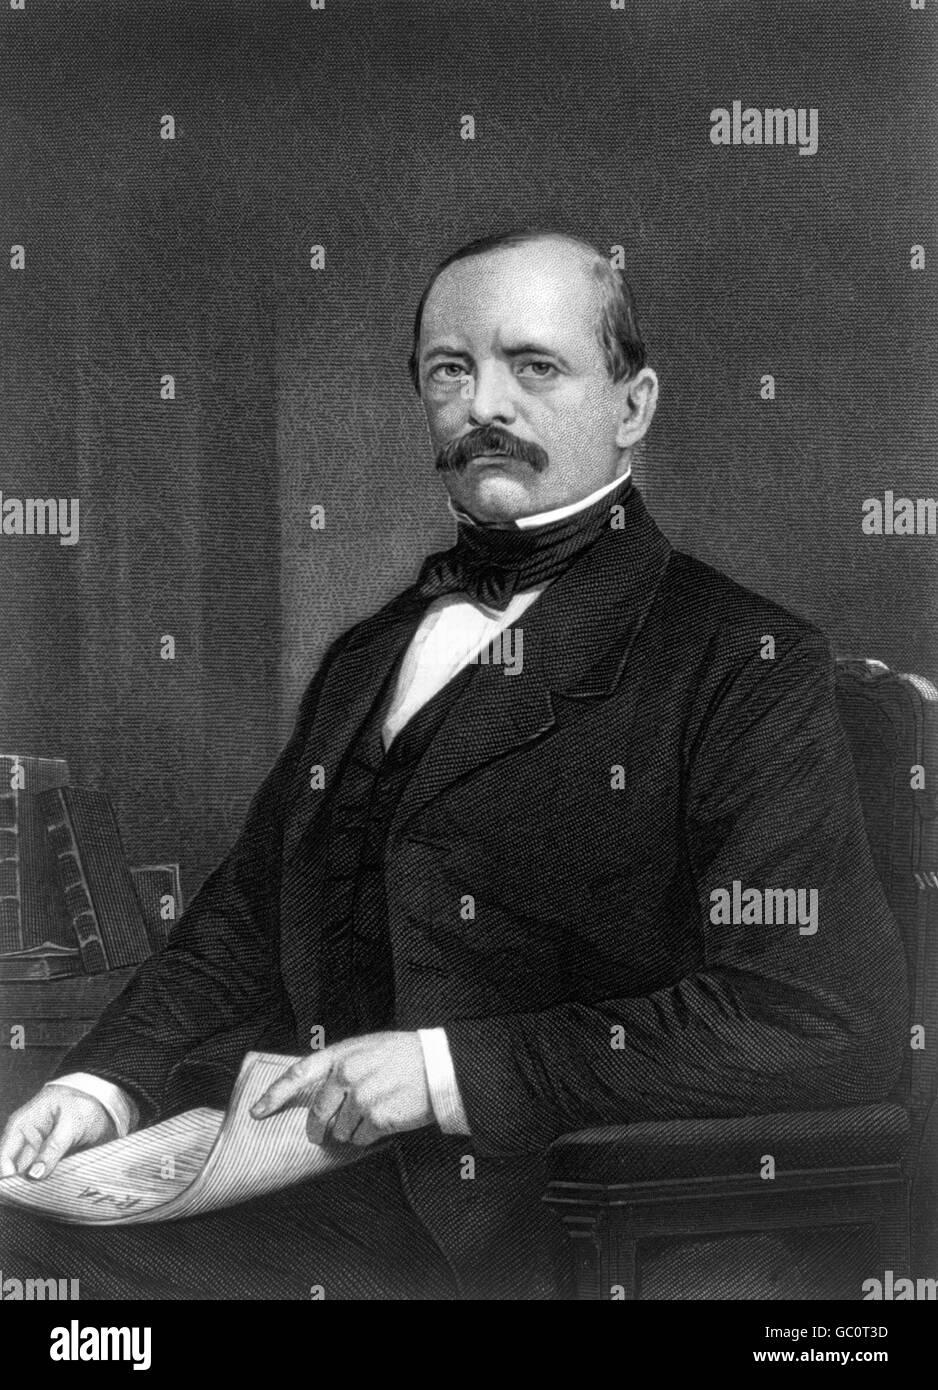 Otto von Bismarck. Porträt des preußischen Staatsmannes, Stahlstich nach Gemälde von Alonzo Chappel, Stockbild